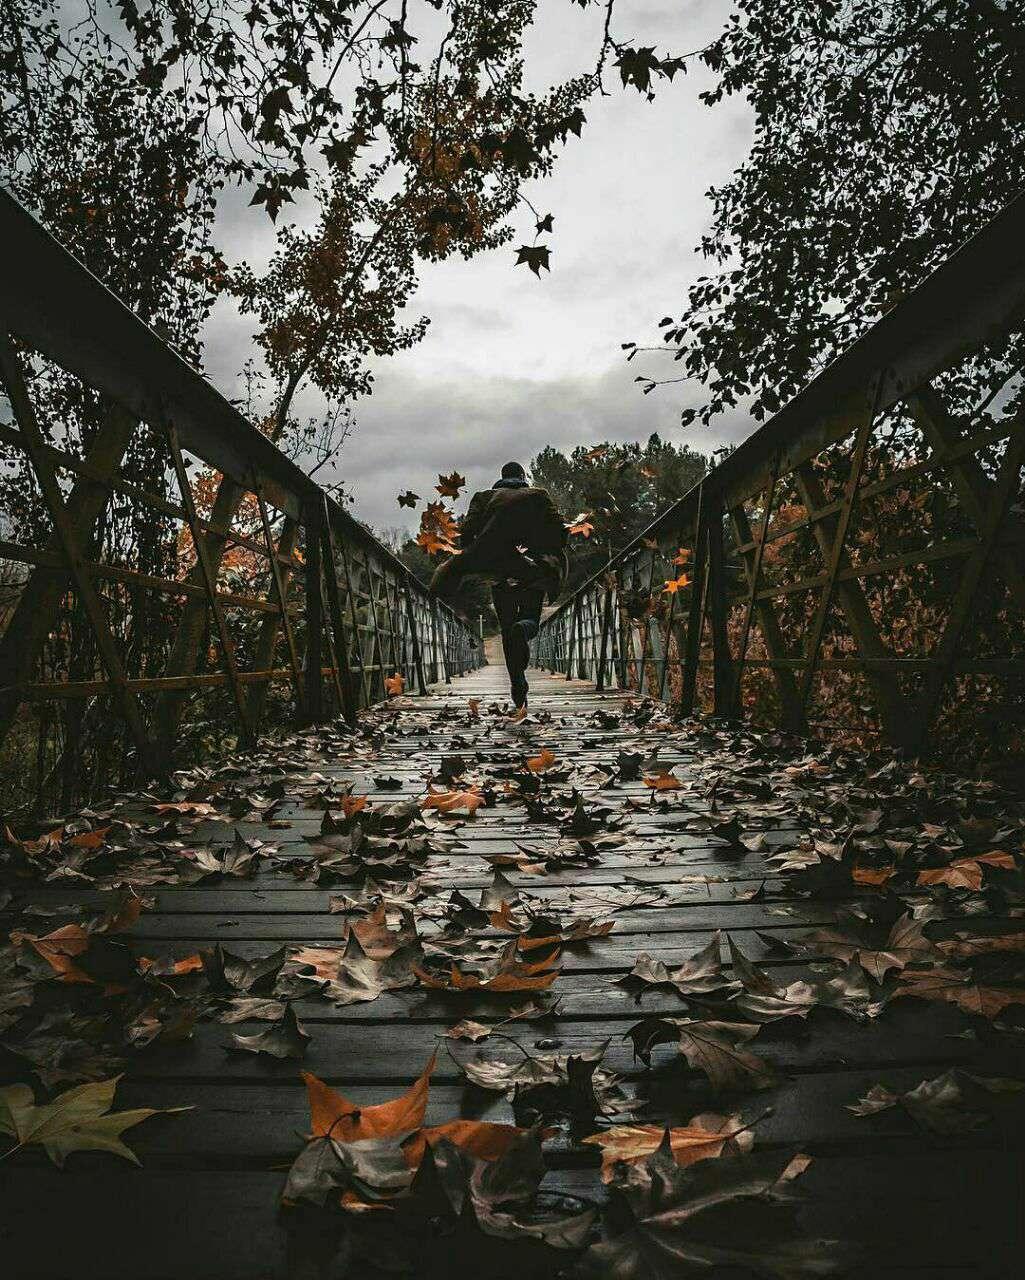 دویدن روی پل چوبی